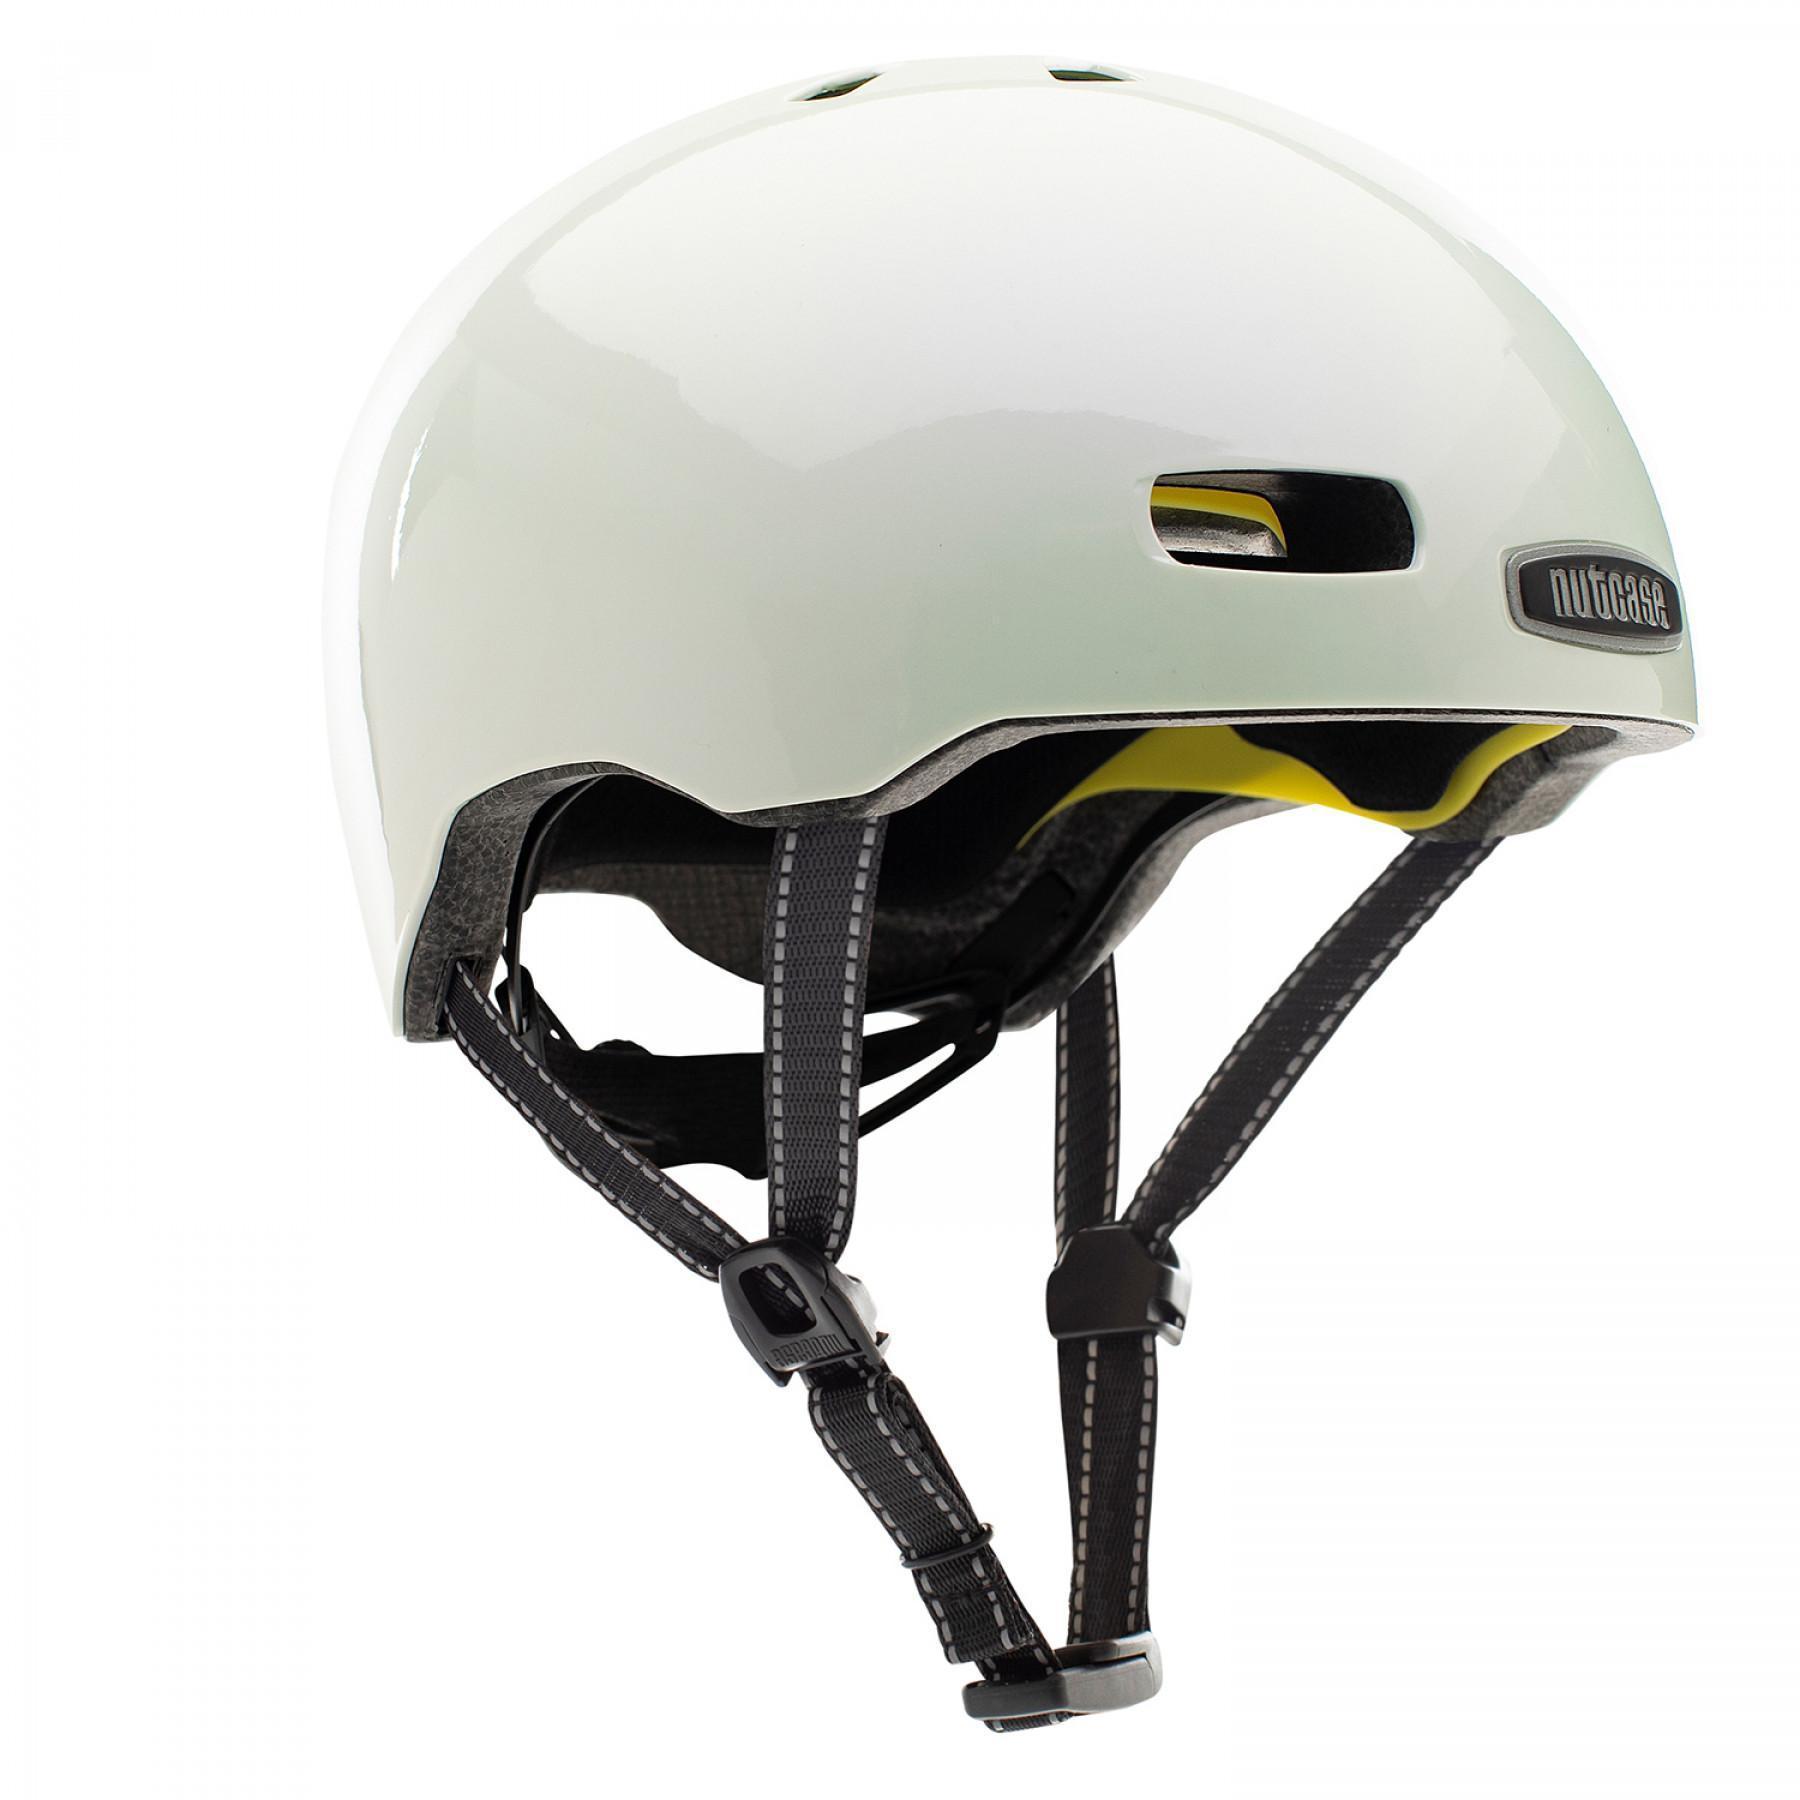 Nutcase Street City Of Pearls Helmet